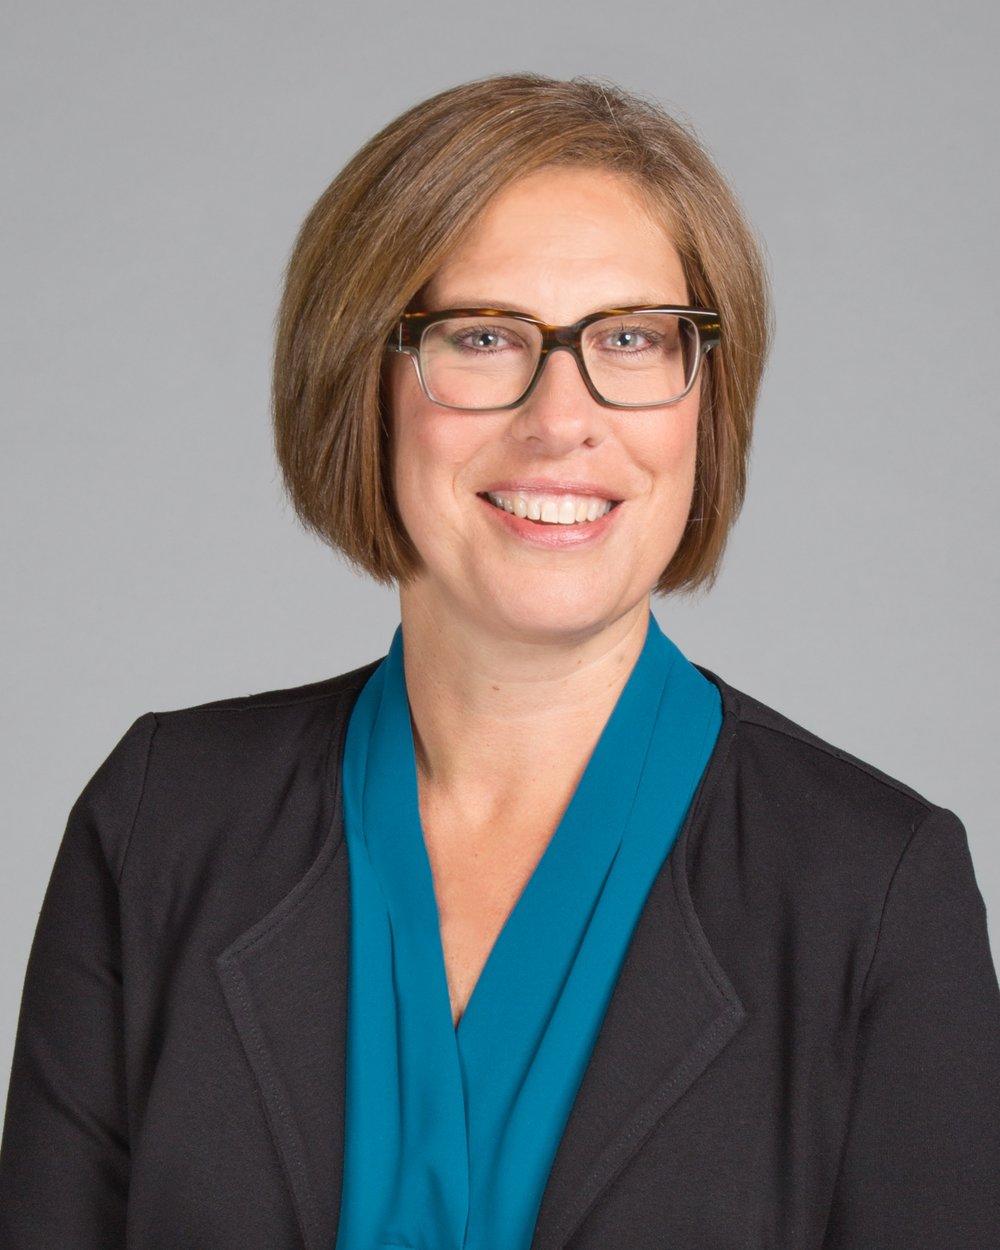 Kari McGrath, Shine Leadership